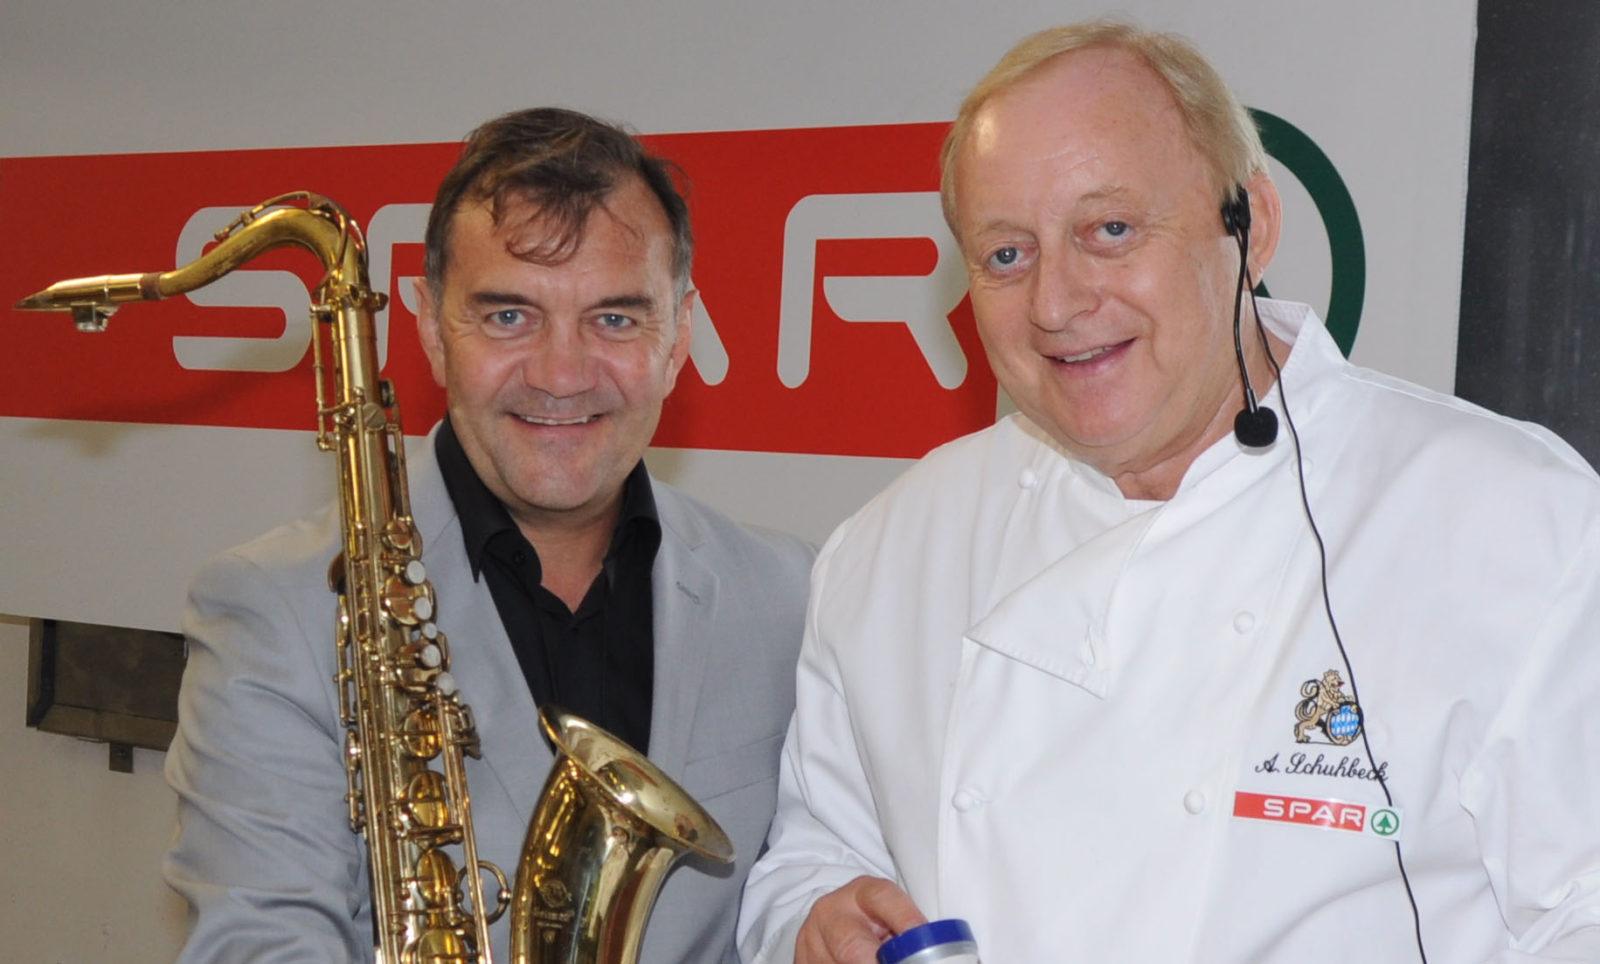 Alfons Schuhbeck Roni Haug Mister Saxr